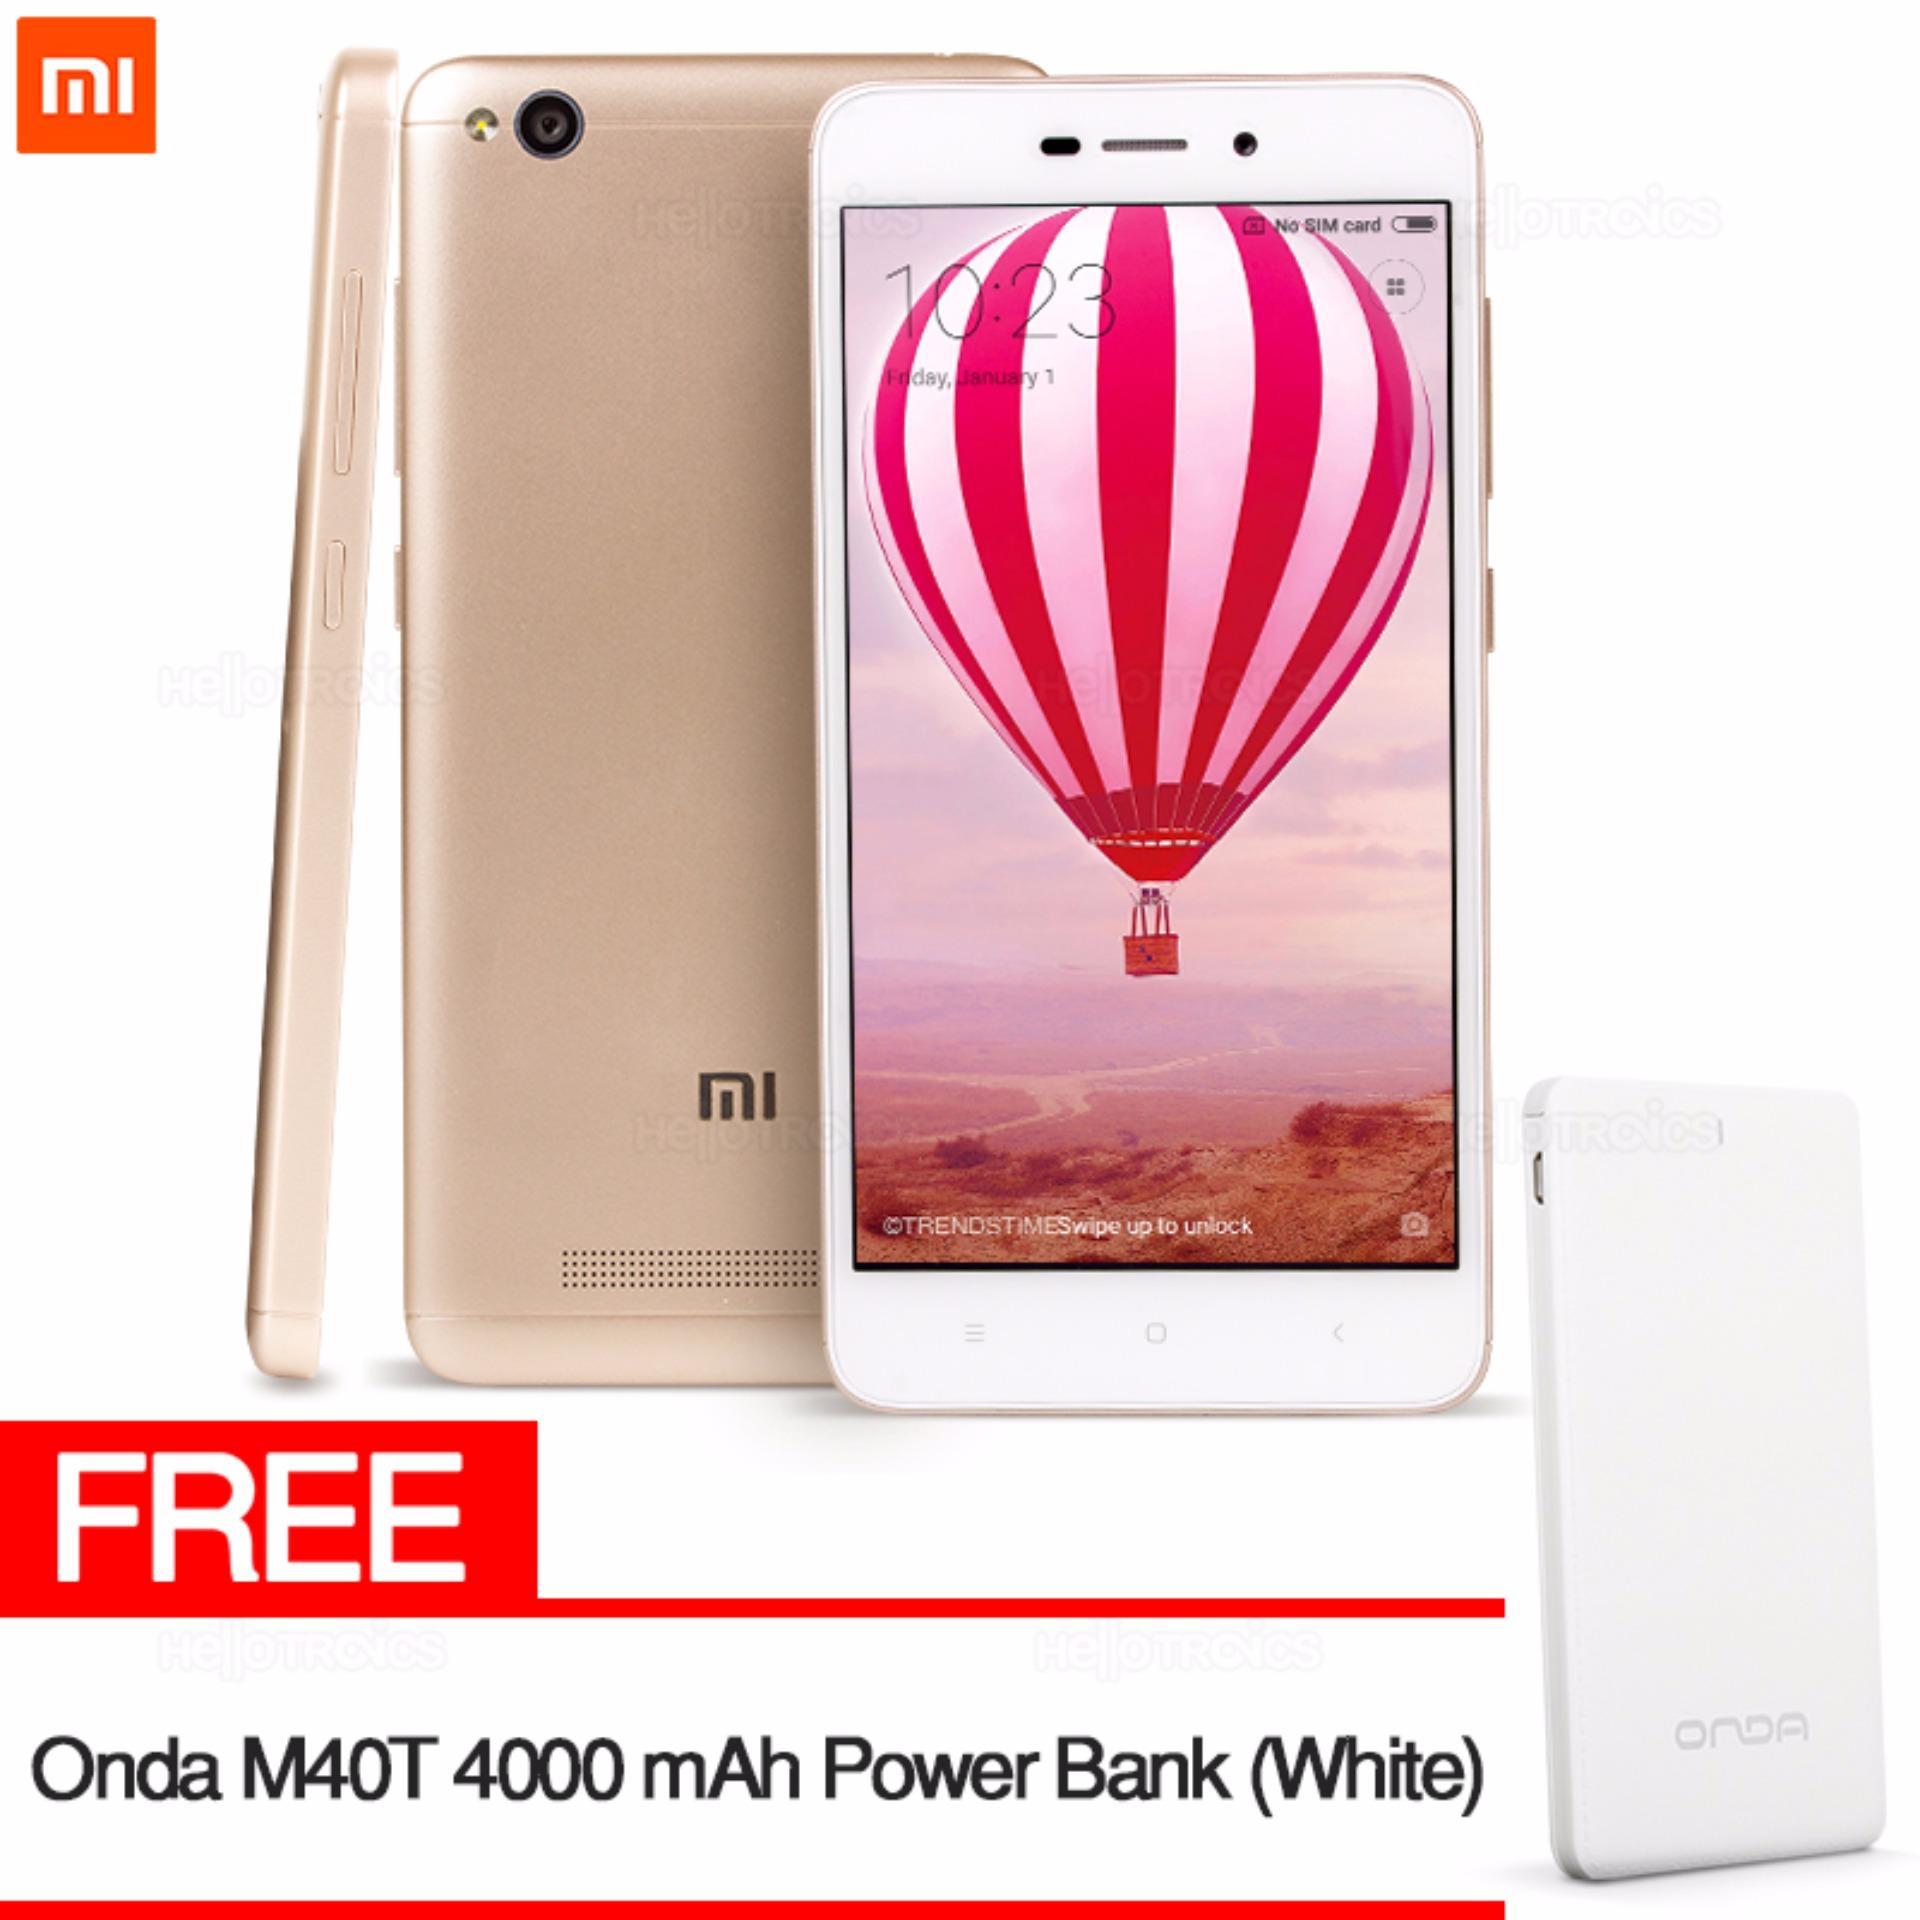 Philippines Xiaomi Redmi 4a 2gb Ram 16gb Rom Gold With Free Onda 2 M40t 4000 Mah